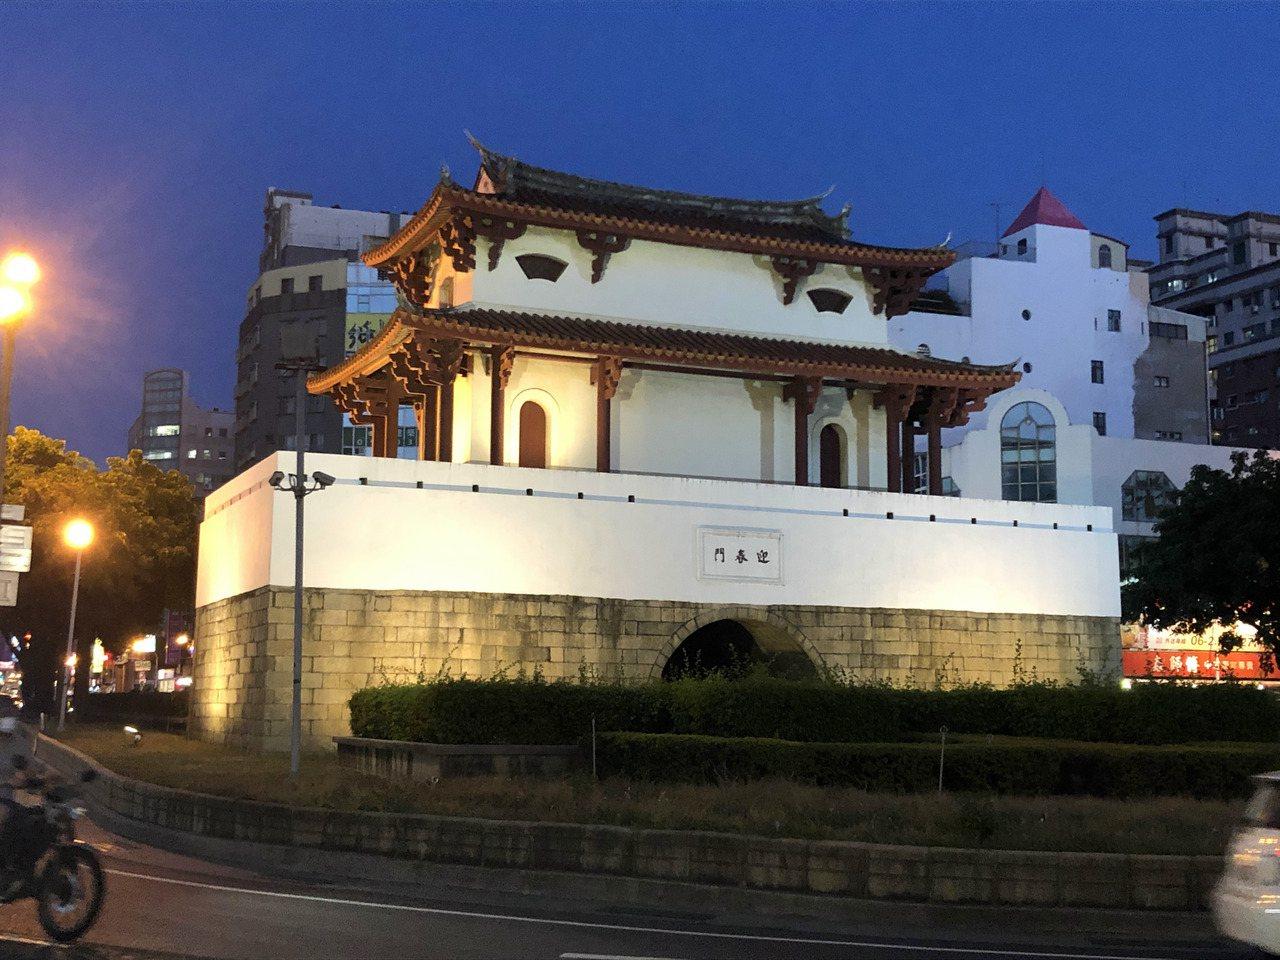 台南大東門「迎春門」是台灣現存最大的古城樓。 圖/周宗禎 攝影